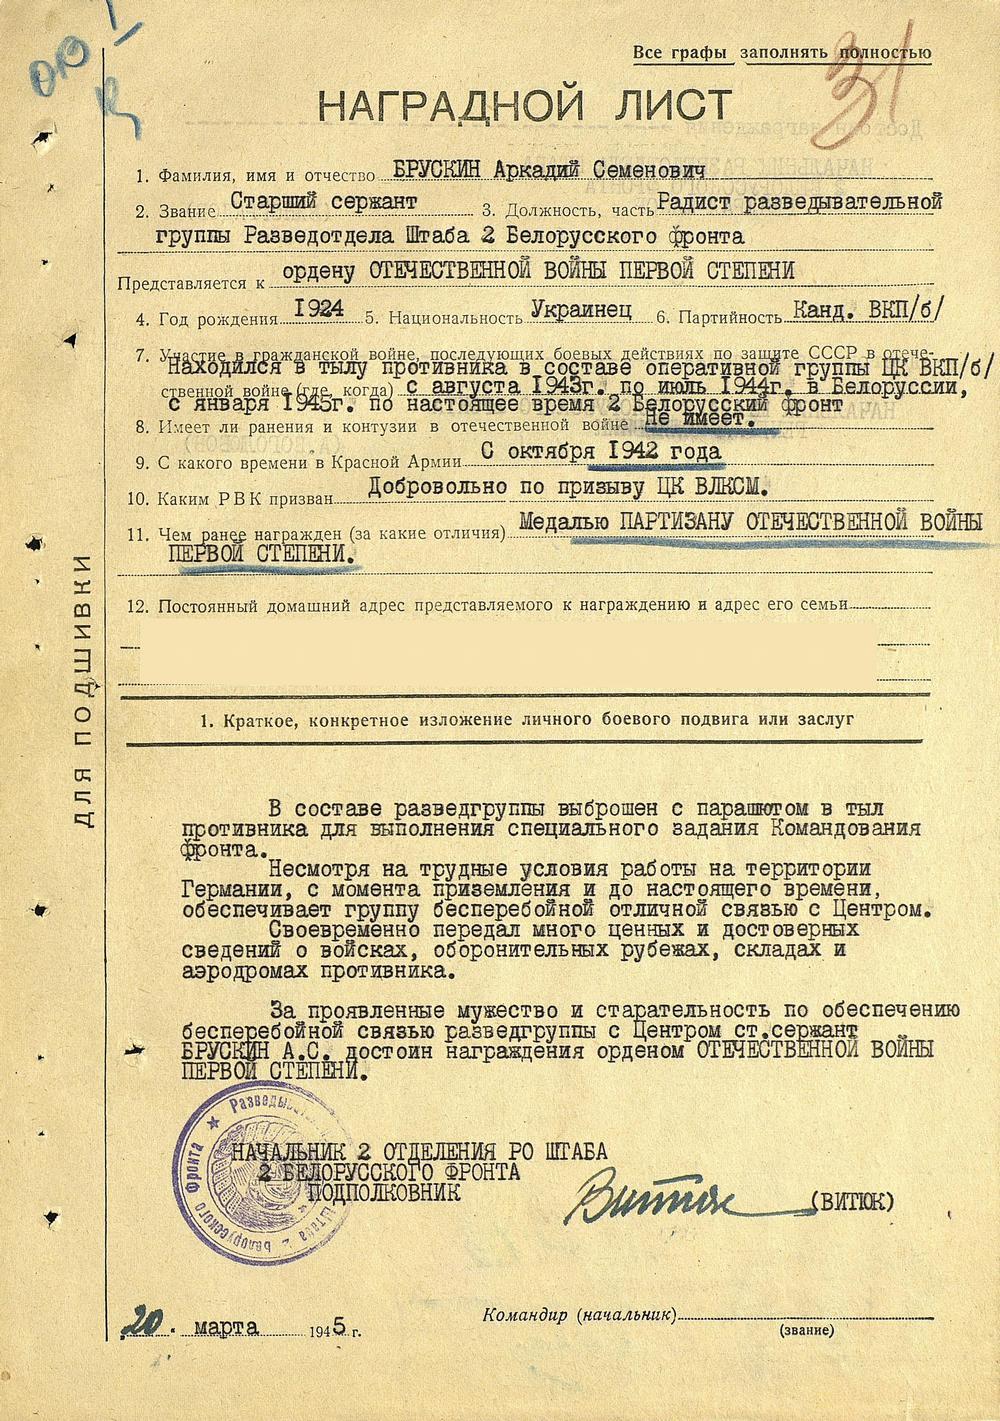 """Наградной лист Брускина А. С. 1945 г. // ОБД """"Подвиг народа"""""""